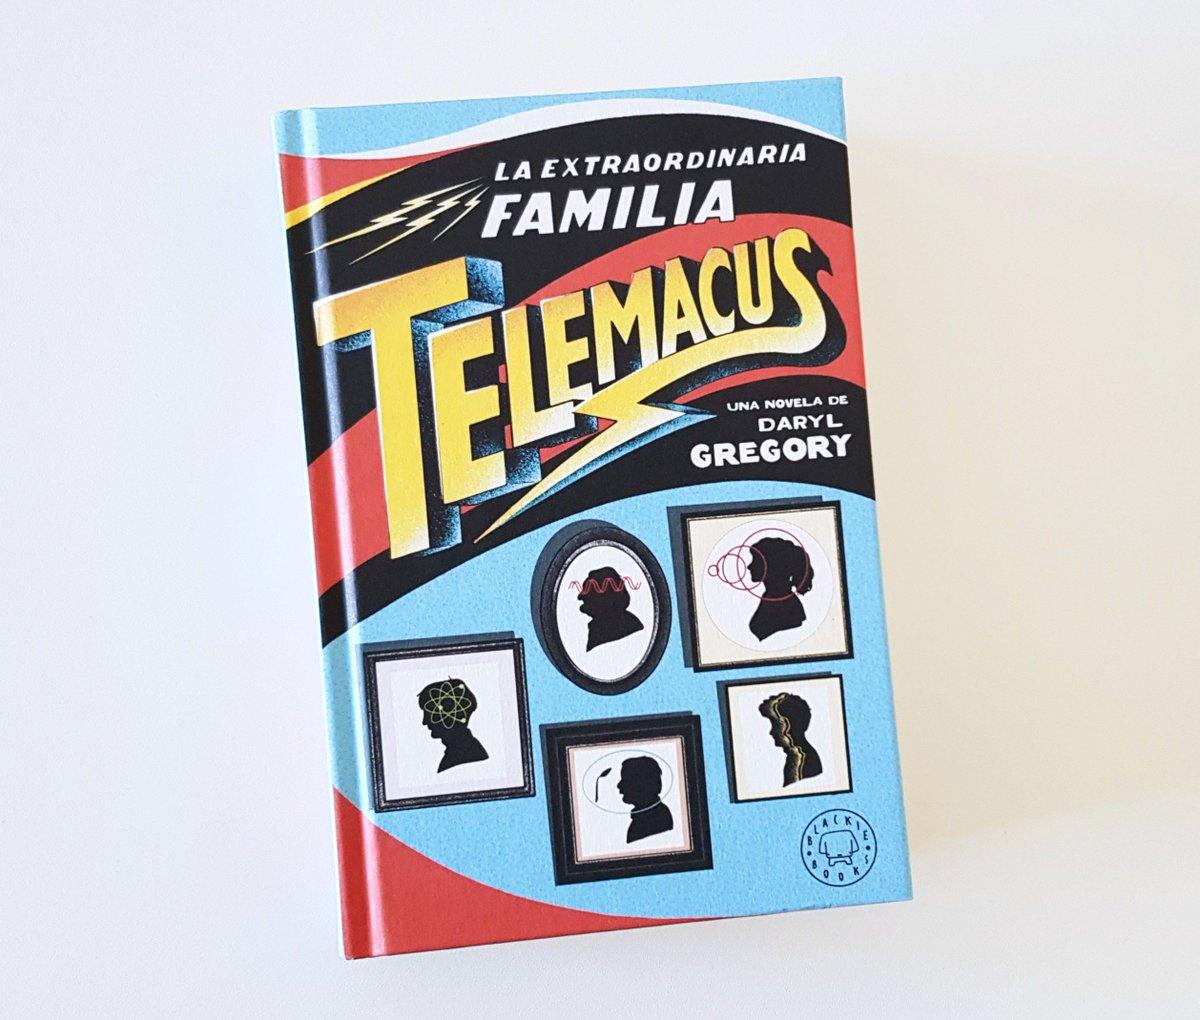 """María Teresa on Twitter: """"Libros bonitos y divertidos que trae el cartero  parte 1: La extraordinaria familia Telemacus de Daryl Gregory ¡Muchísimas  gracias ..."""